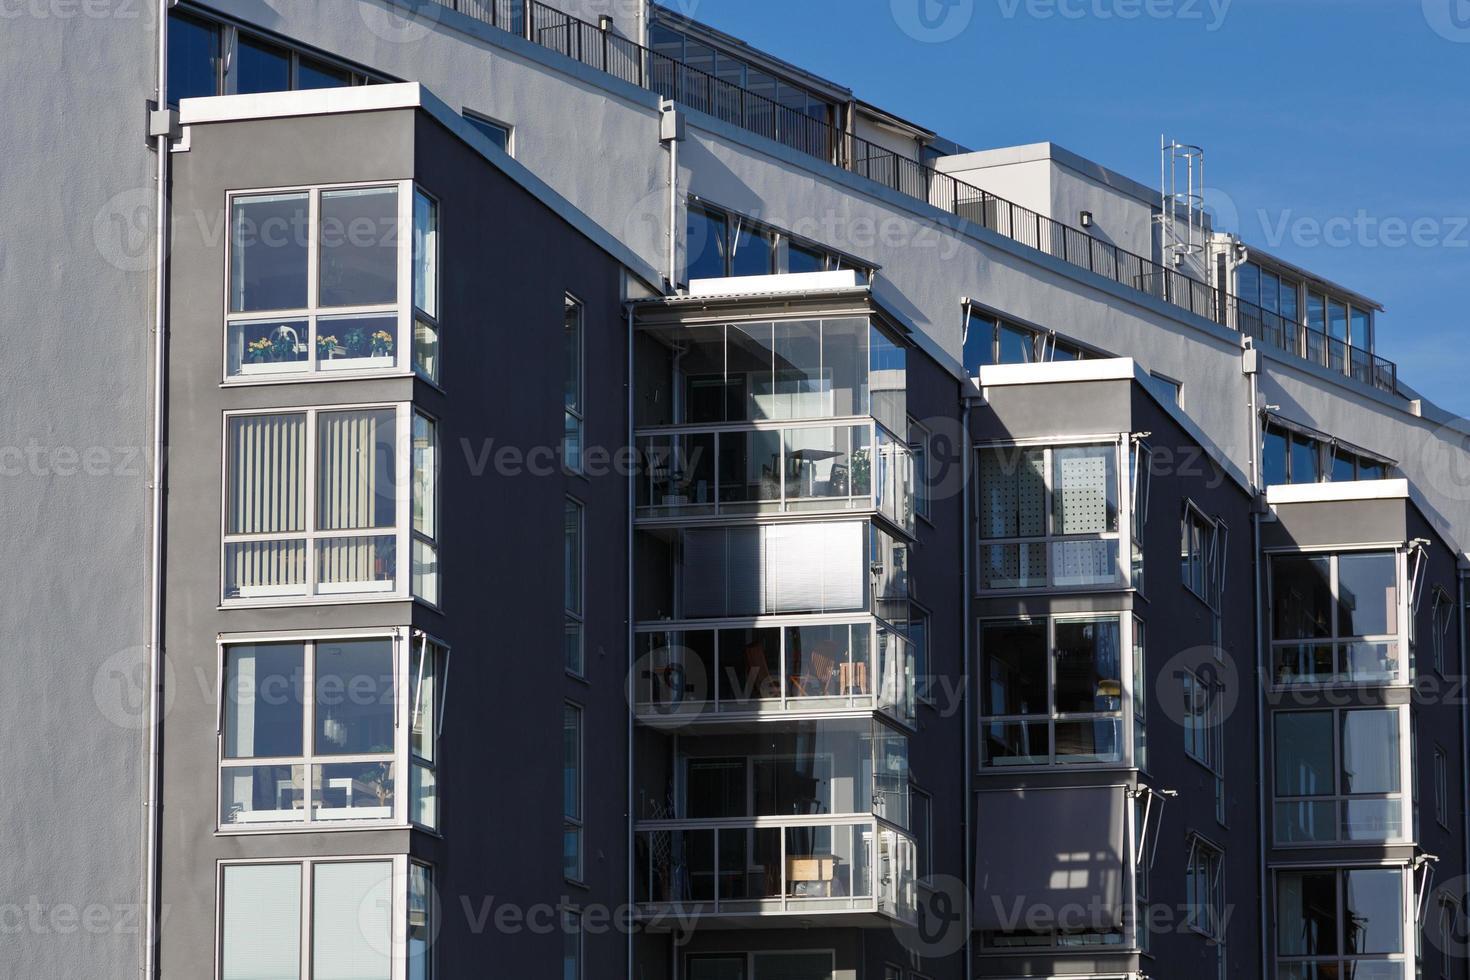 moderne wohnung in der stadt vasteras, schweden. foto